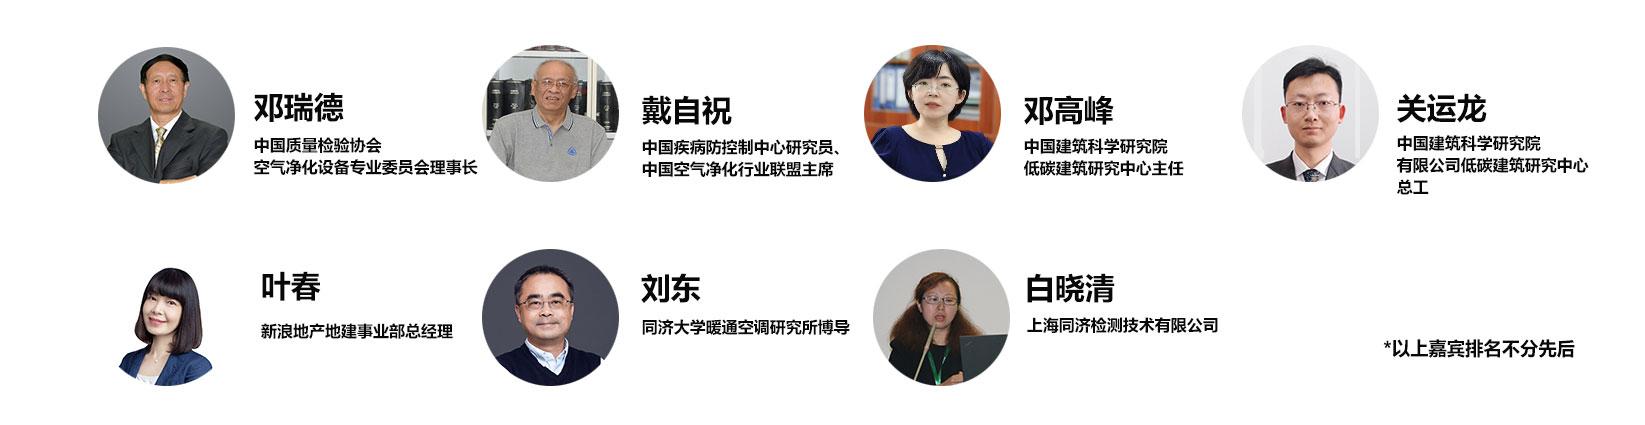 第五届新风净化行业新材料 新技术 新产品交流研讨会-_上海舒适系统展